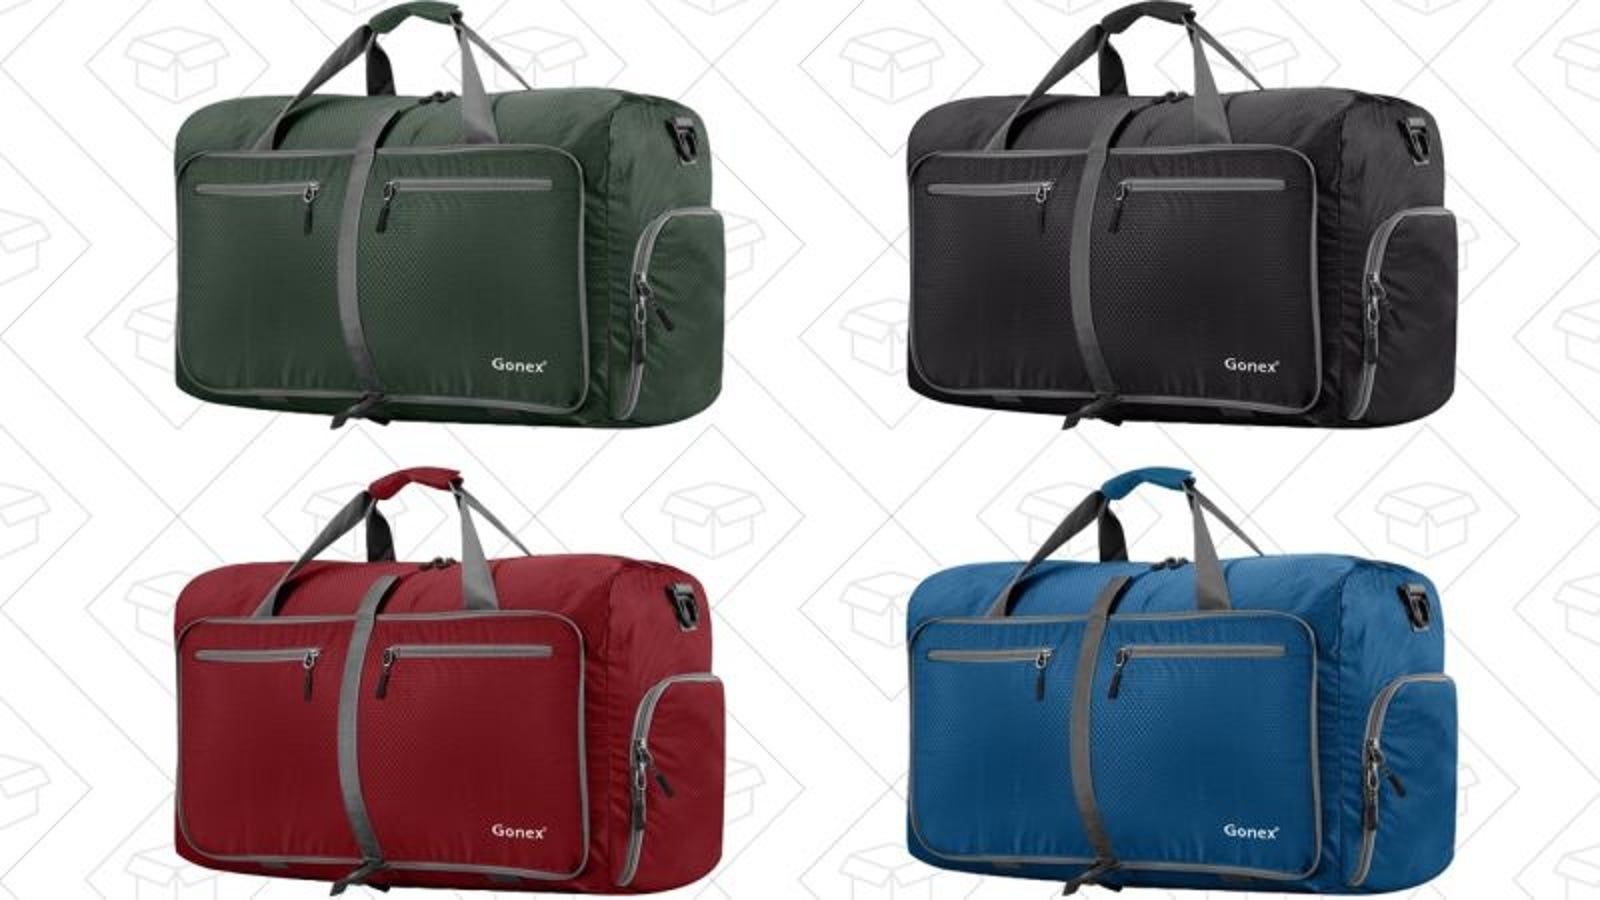 4636e2efcc Get Yourself a Big-Ass Duffel Bag For  17